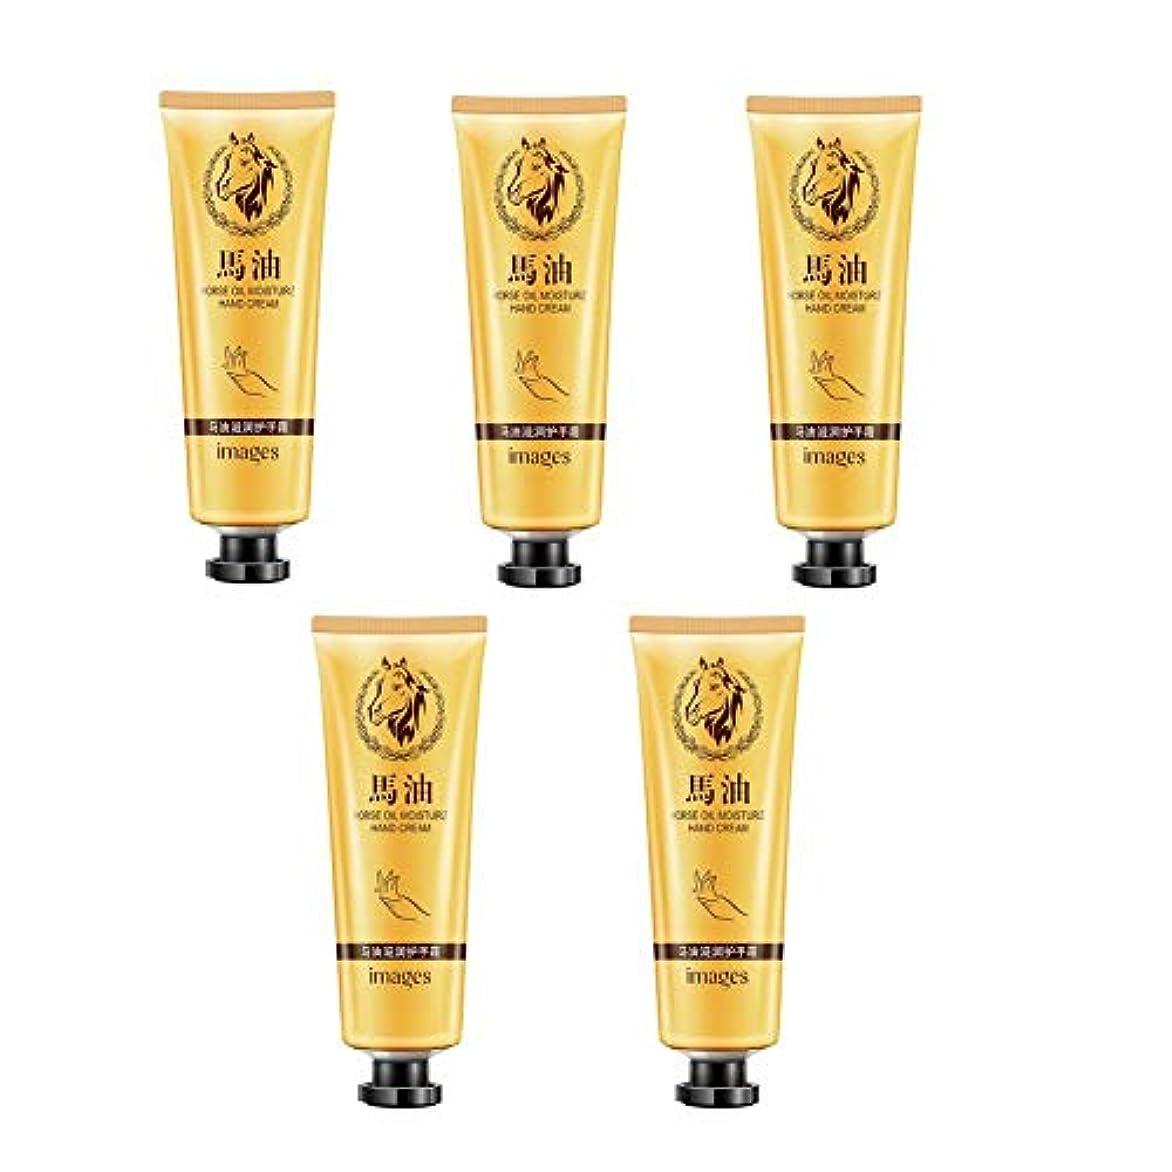 拡張旋律的とにかくRuier-tong 馬油ハンドクリーム お得5本セット インテンスリペア ハンドクリーム &ボディローション 皮膚があかぎれ防止 ハンドクリーム 手肌用保湿 濃厚な保湿力 低刺激 超乾燥肌用 30g